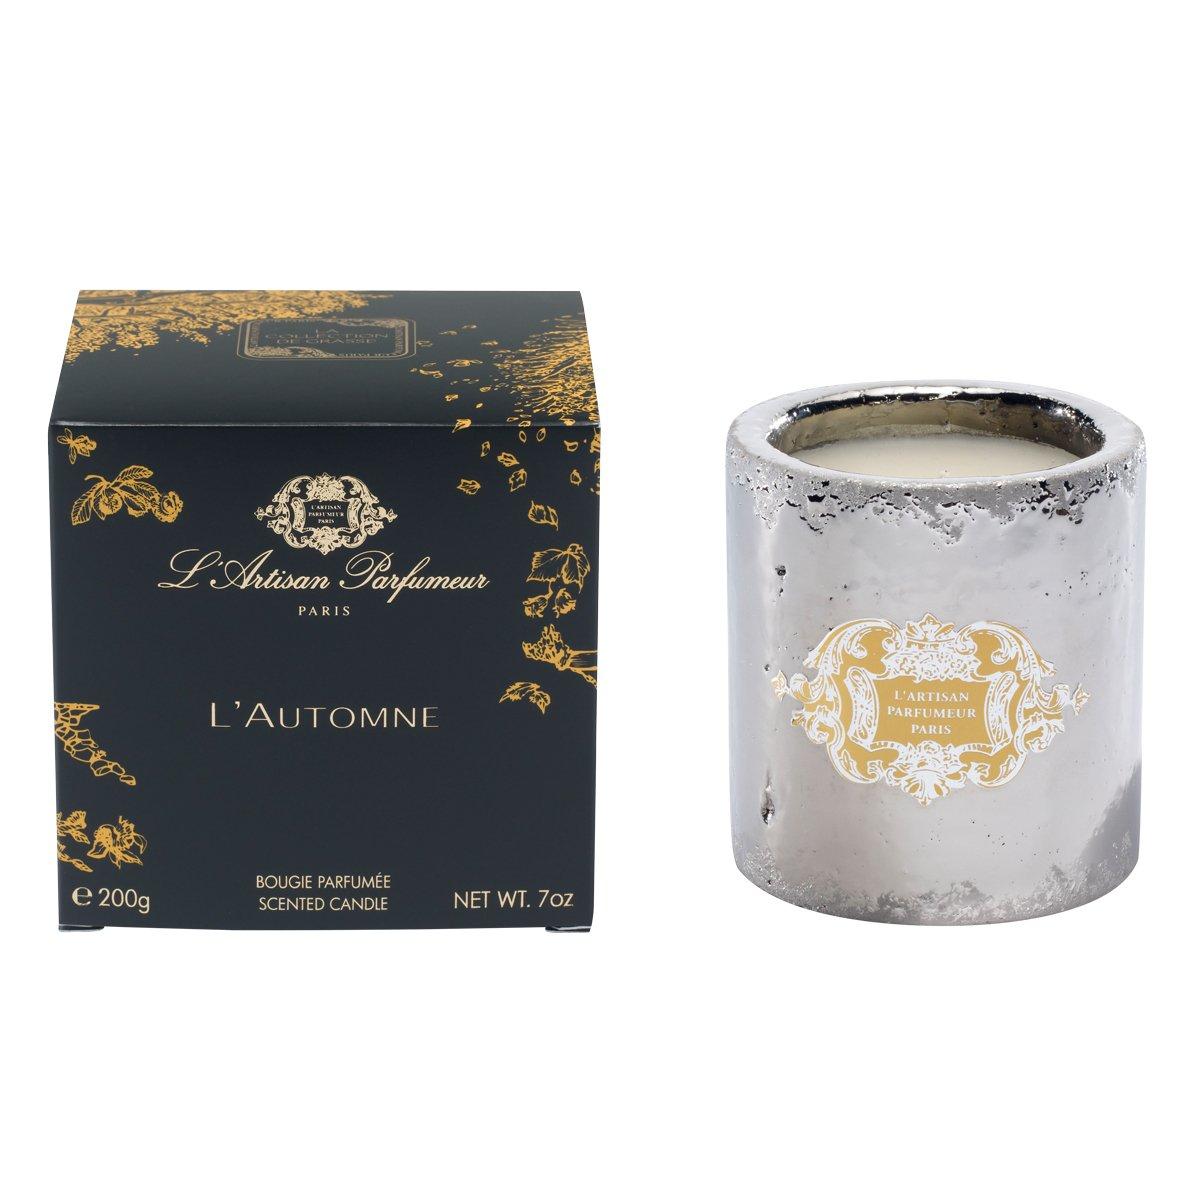 L'Automne Grasse by L'artisan Parfumeur Candle 6.6 oz